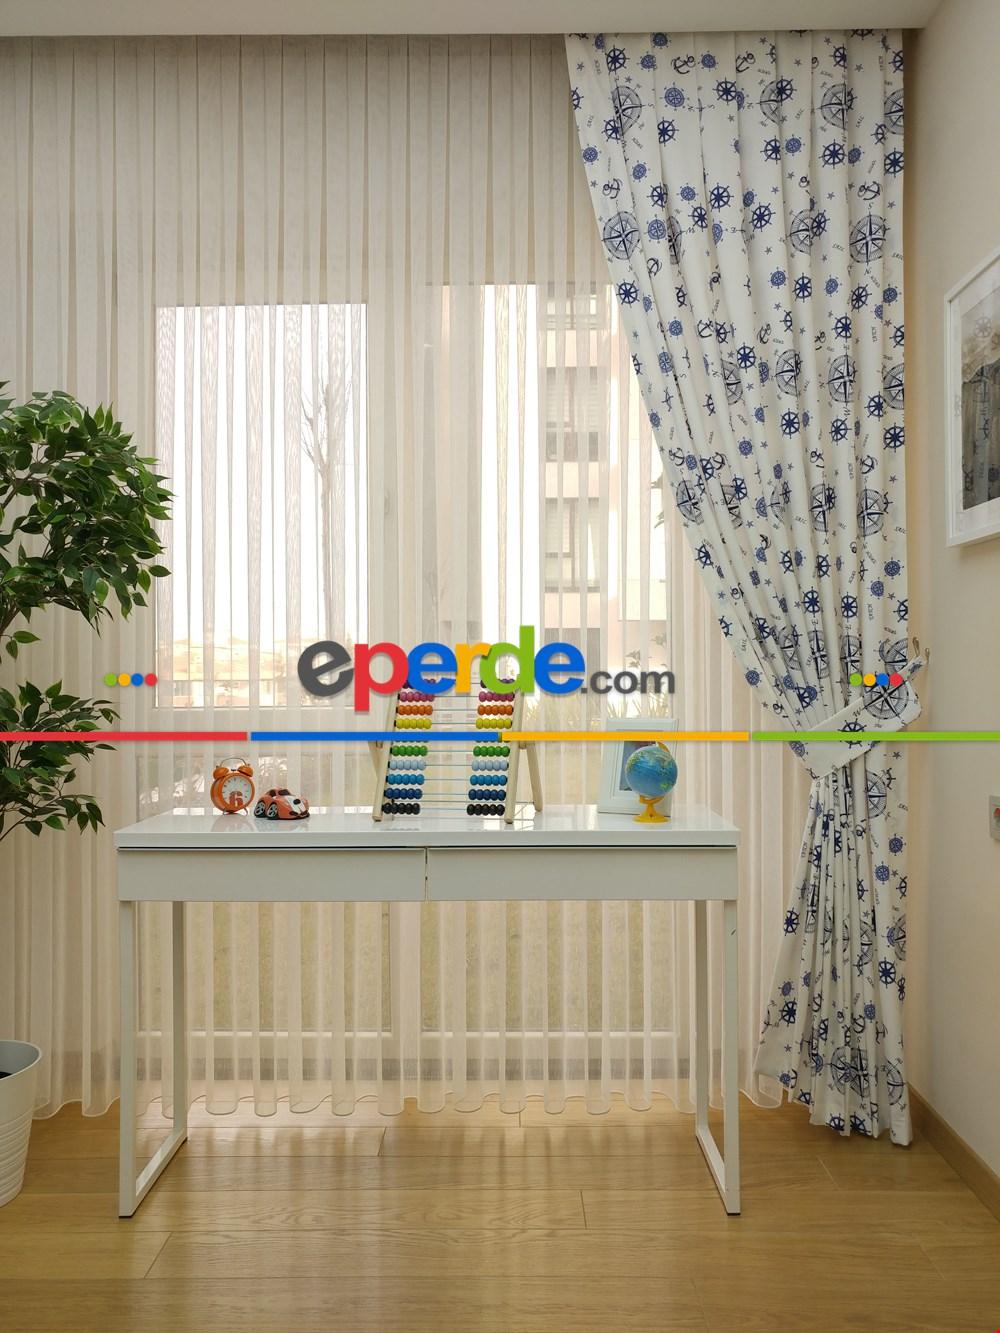 Gemici Desenli Fon Perde Erkek Çocuk Ve Bebek Odası